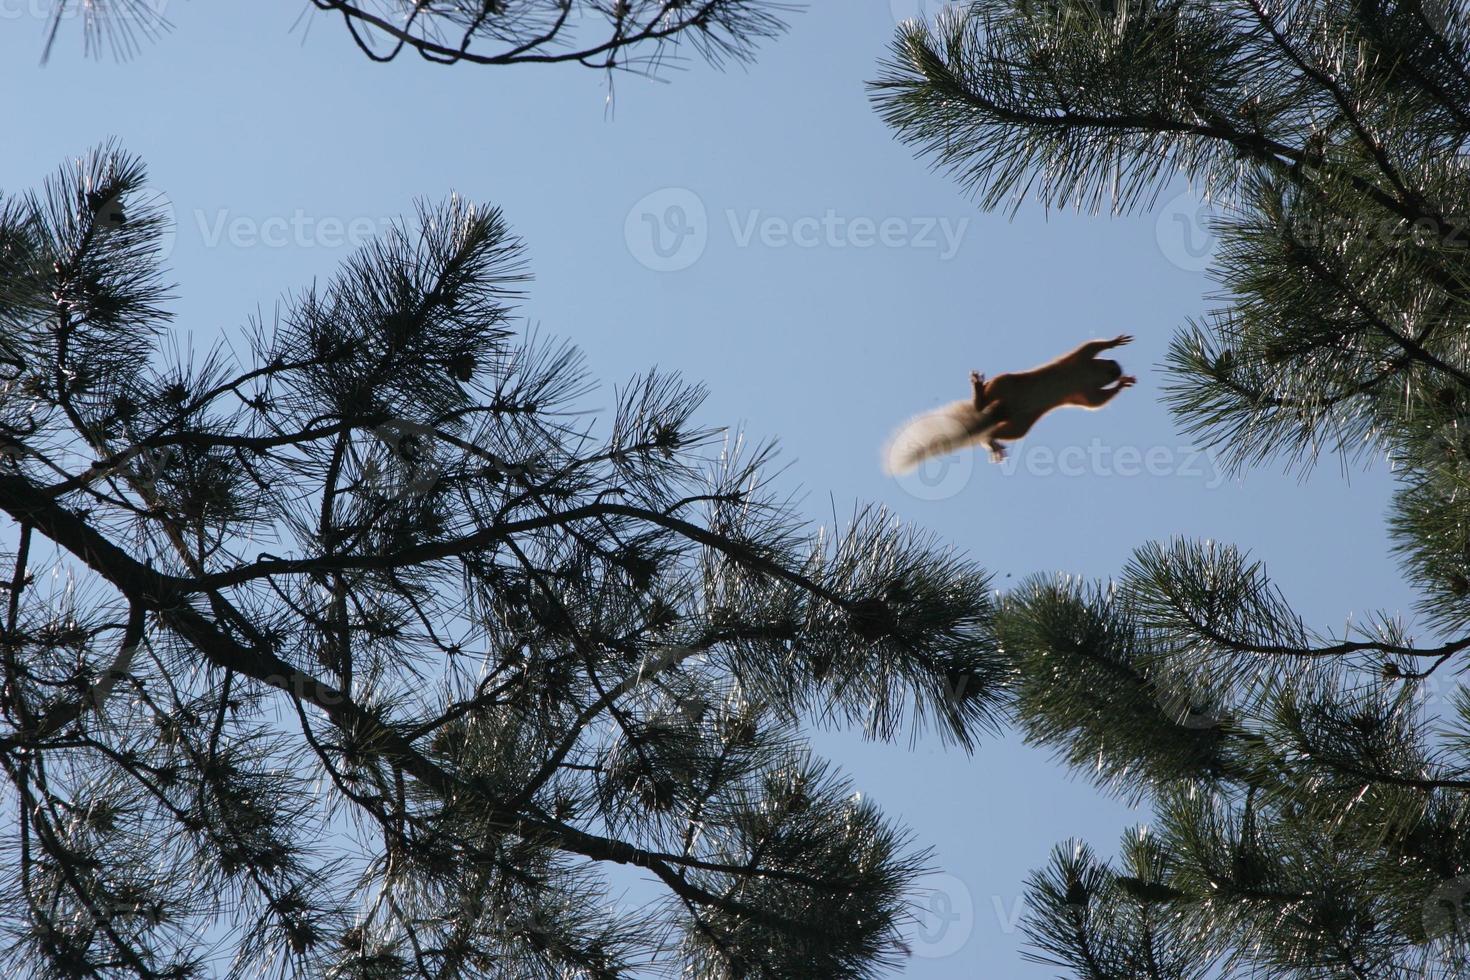 esquilo voando de uma árvore para outra foto